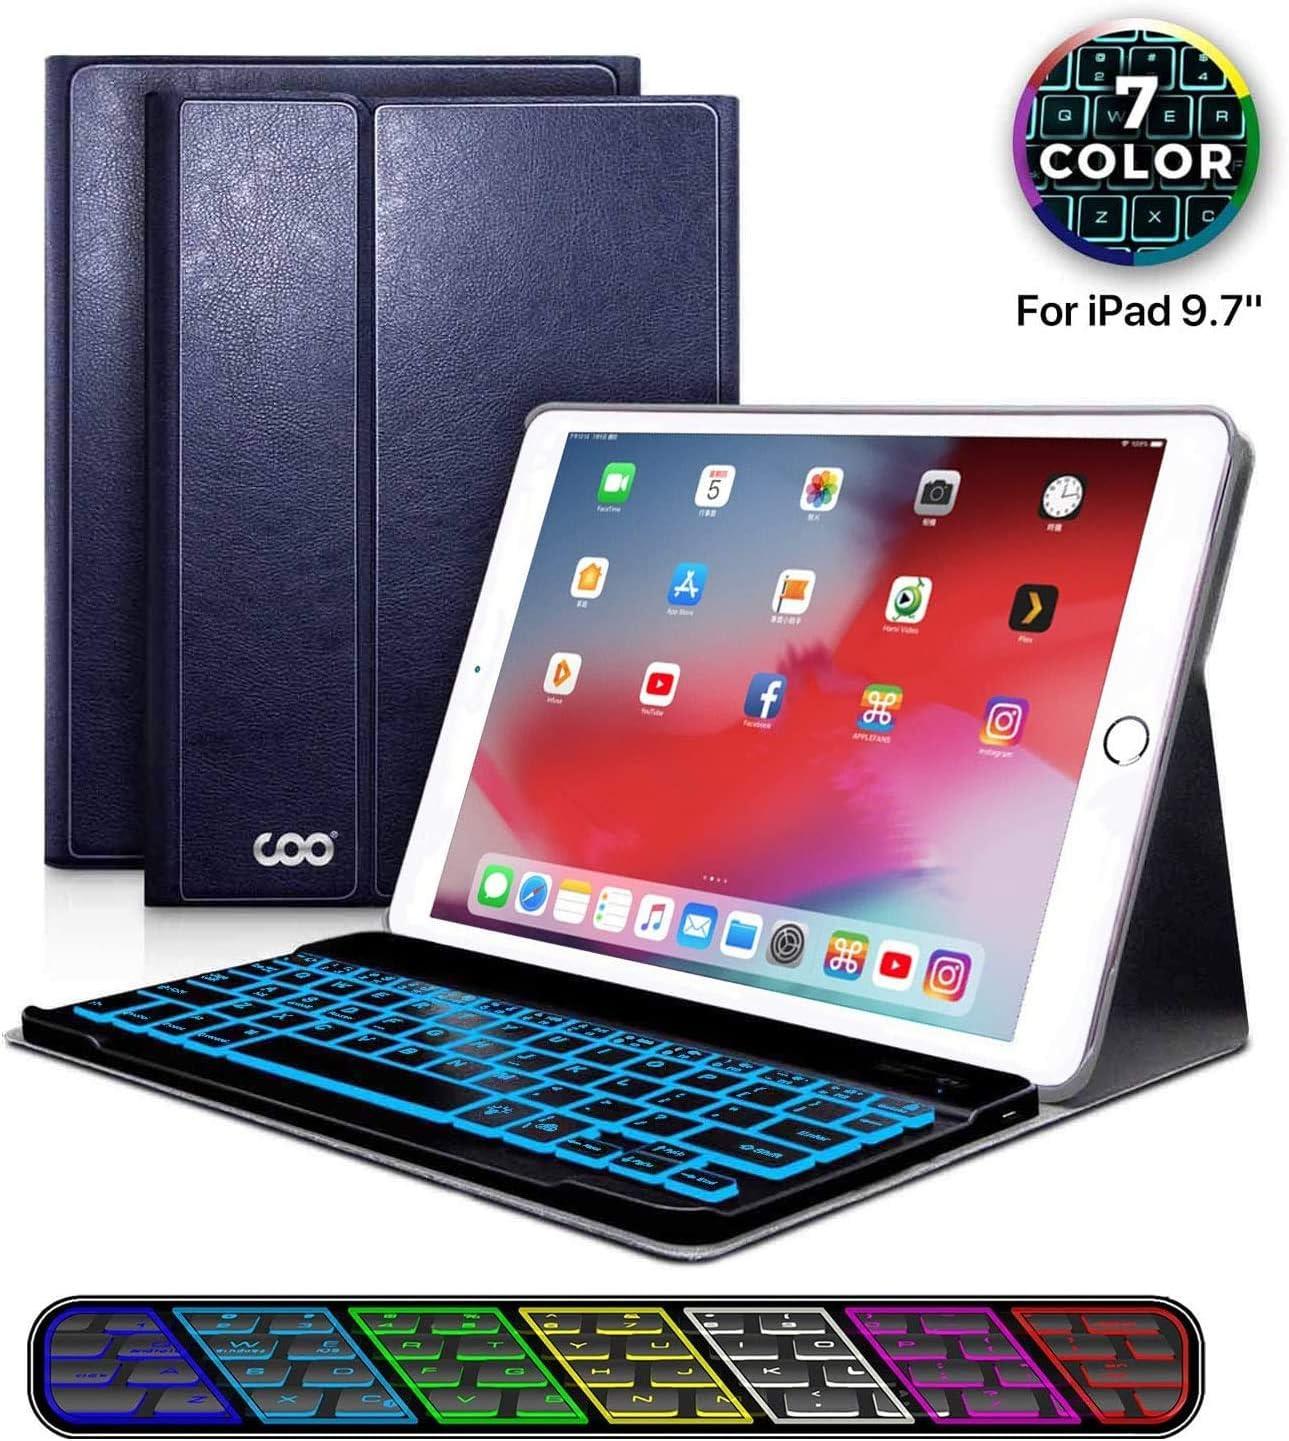 Funda con Teclado iPad 9.7, Funda iPad con Teclado Español (Incluye Ñ) Bluetooth con Retroiluminado de 7 Colores para iPad 2018/iPad 2017/iPad Pro 9.7/iPad Air 2/1-Funda con Magnético (Azul oscuro)